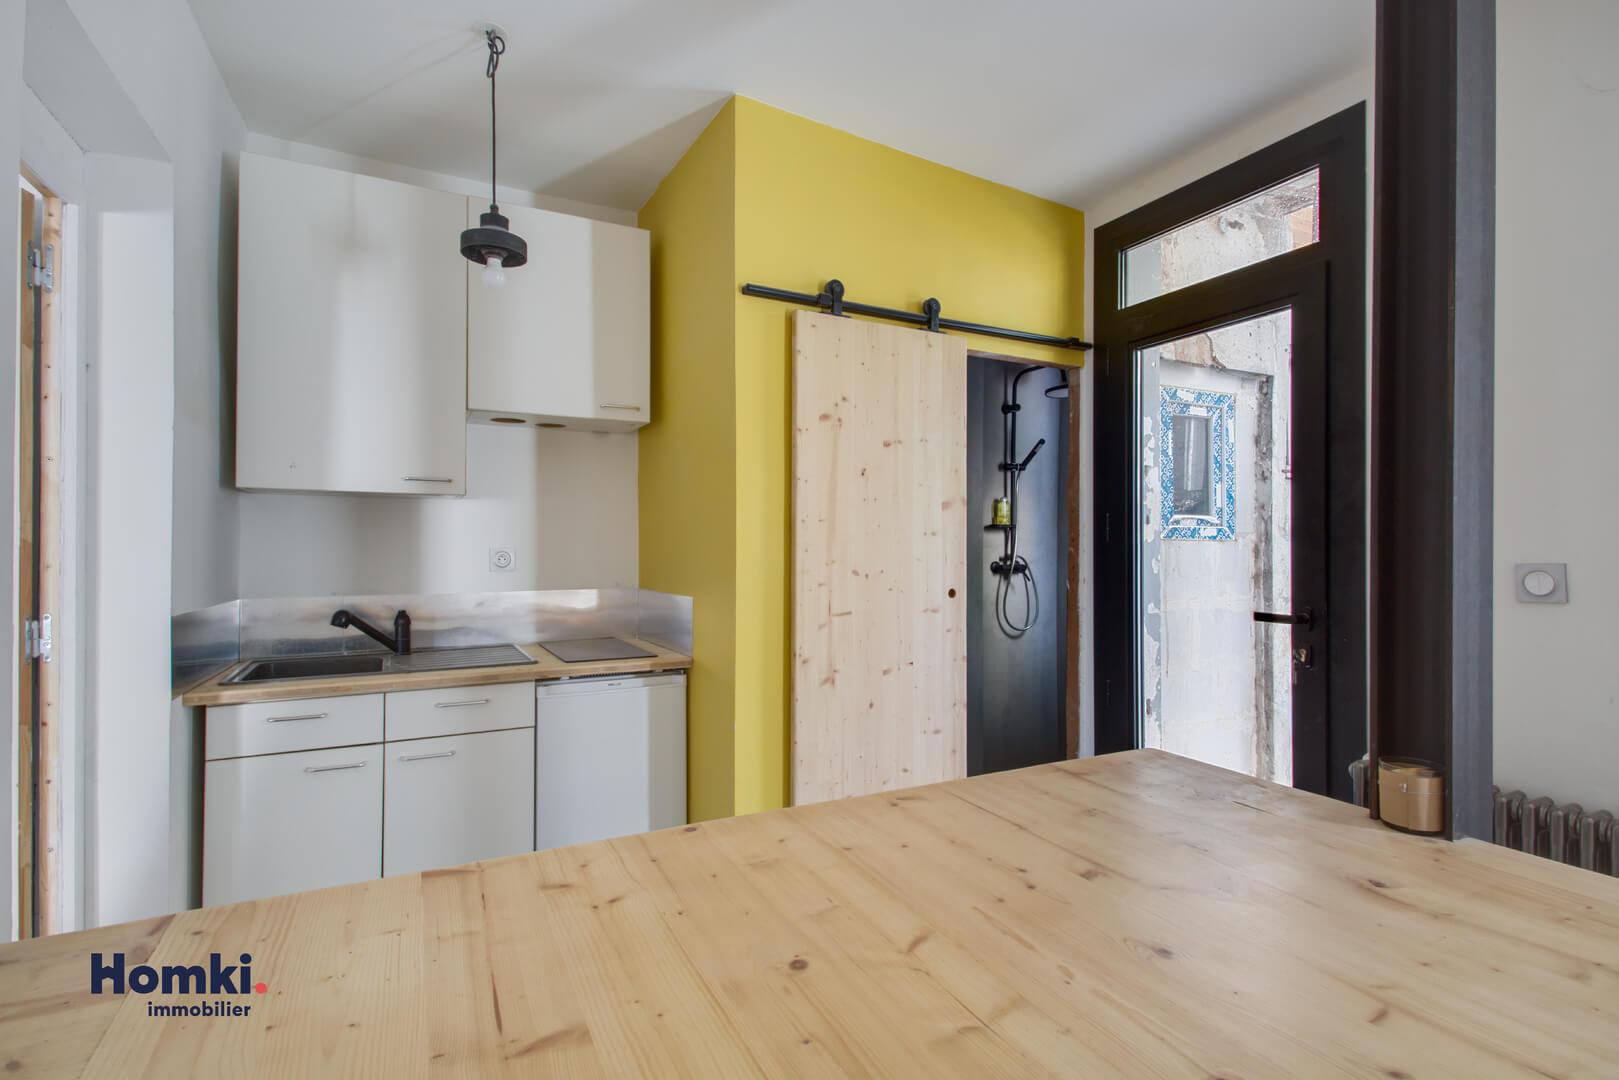 Vente maison 100 m² T4 13007_11